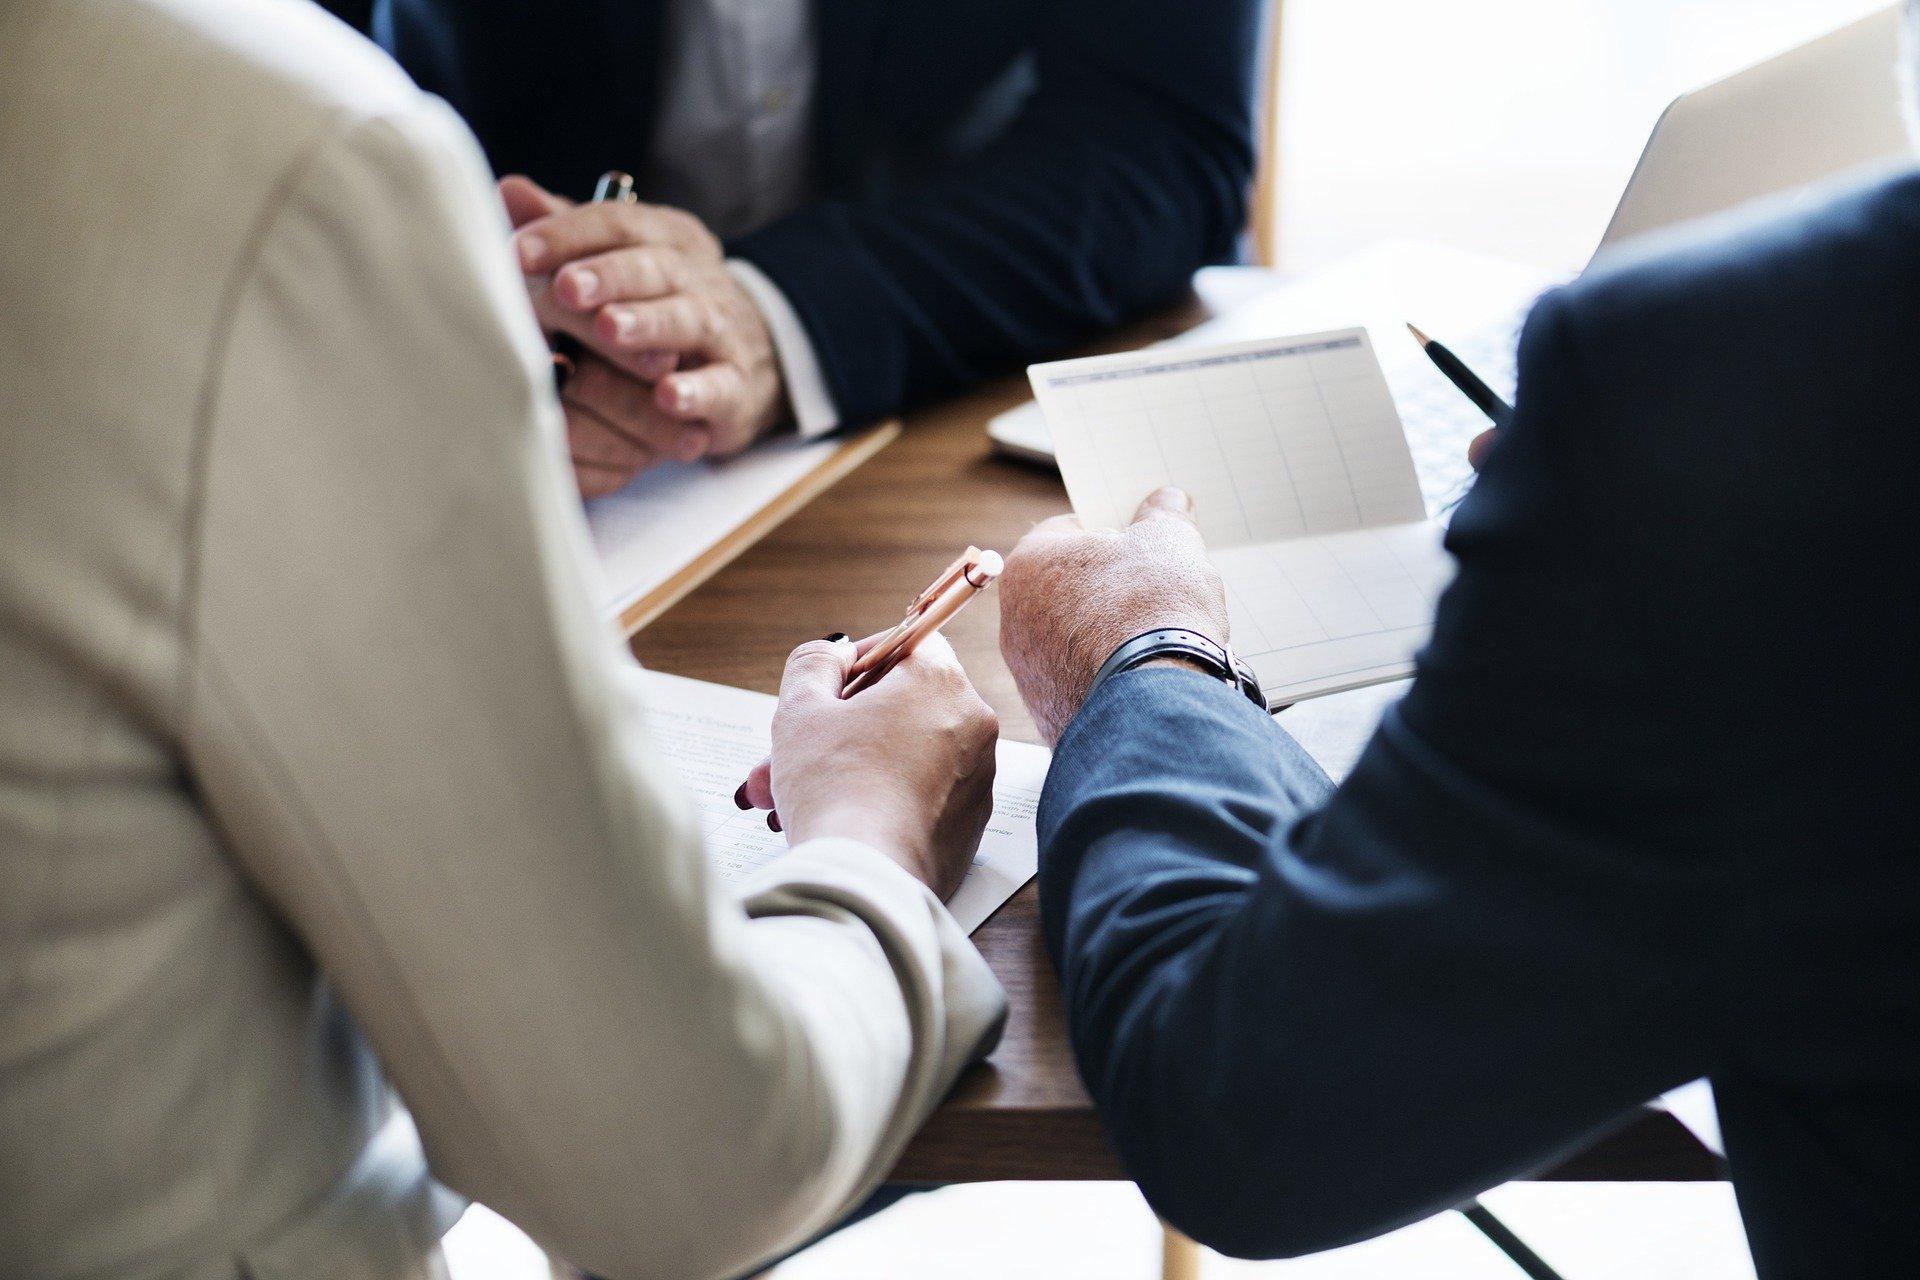 Musíte ze zákona provádět audit?